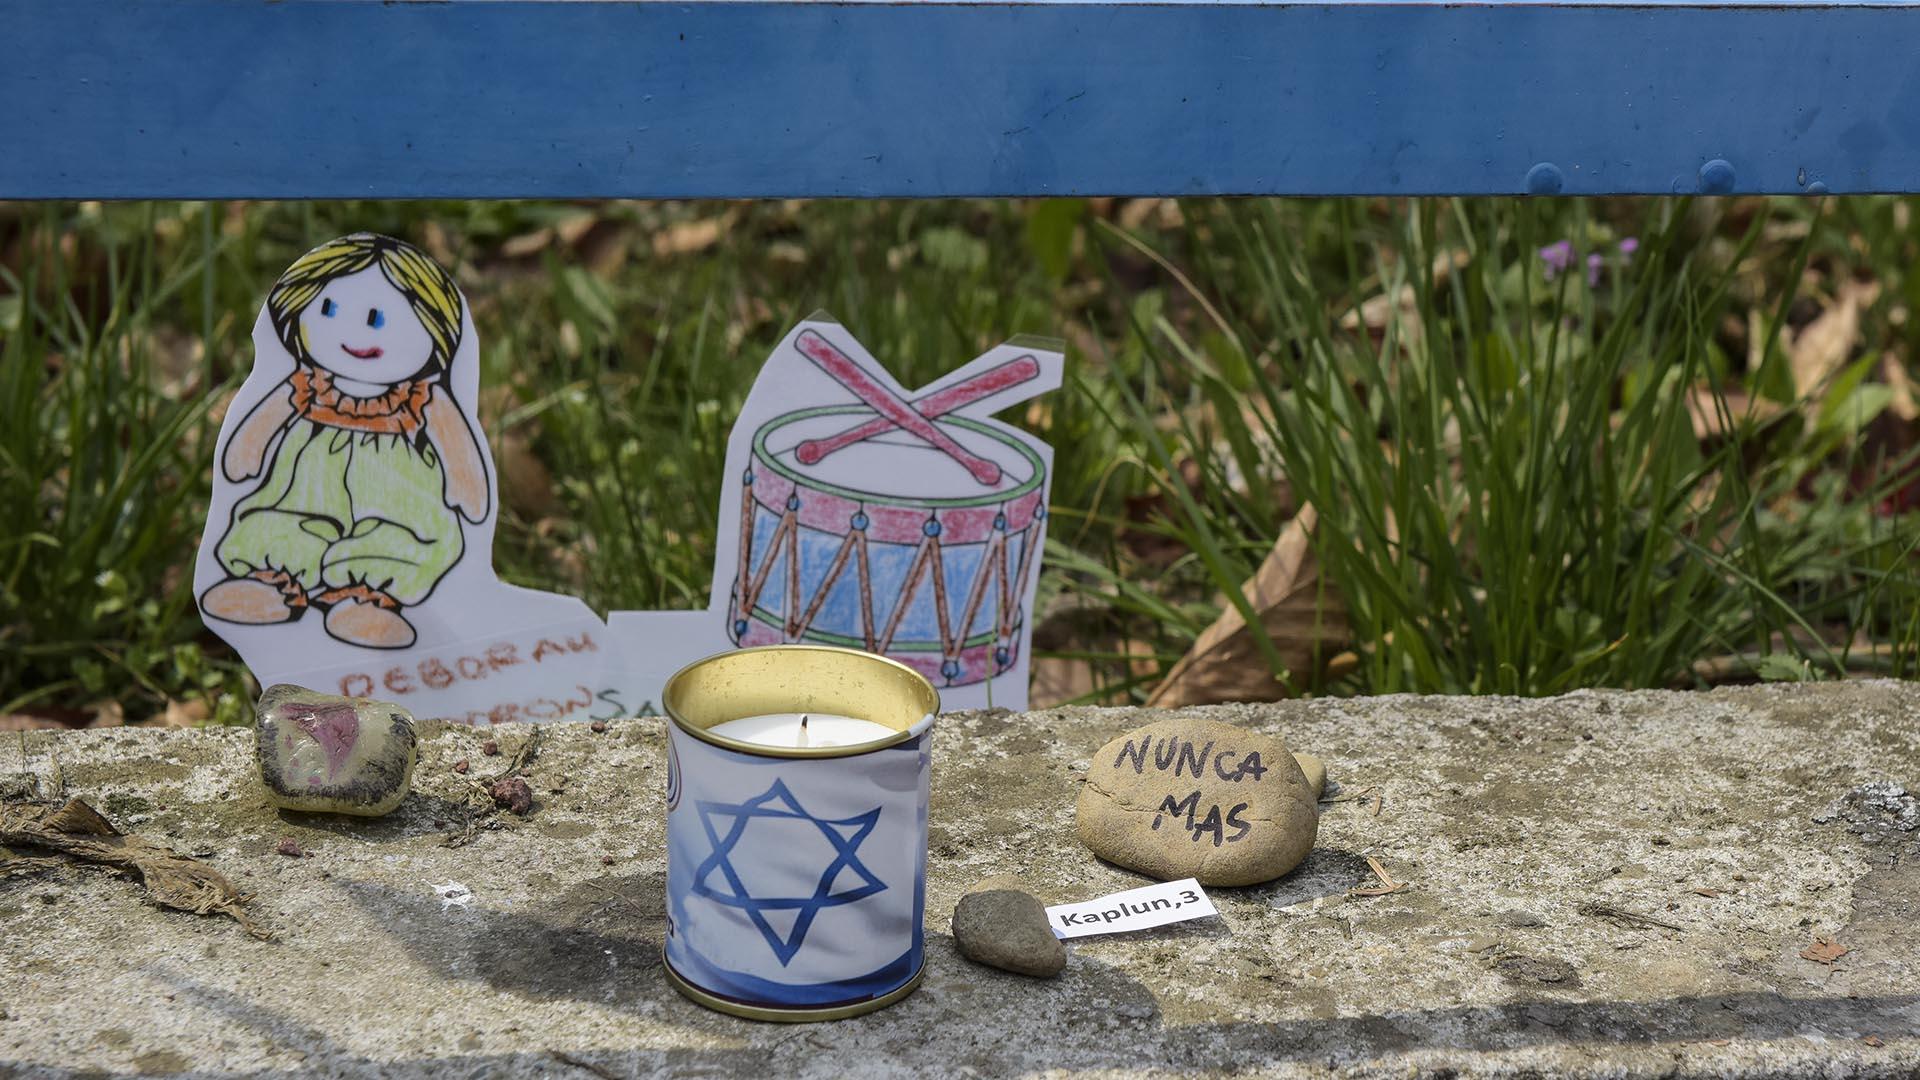 Se pueden ver diferentes objetos en memoria a los niños y niñas que murieron en ese bosque en 1942.